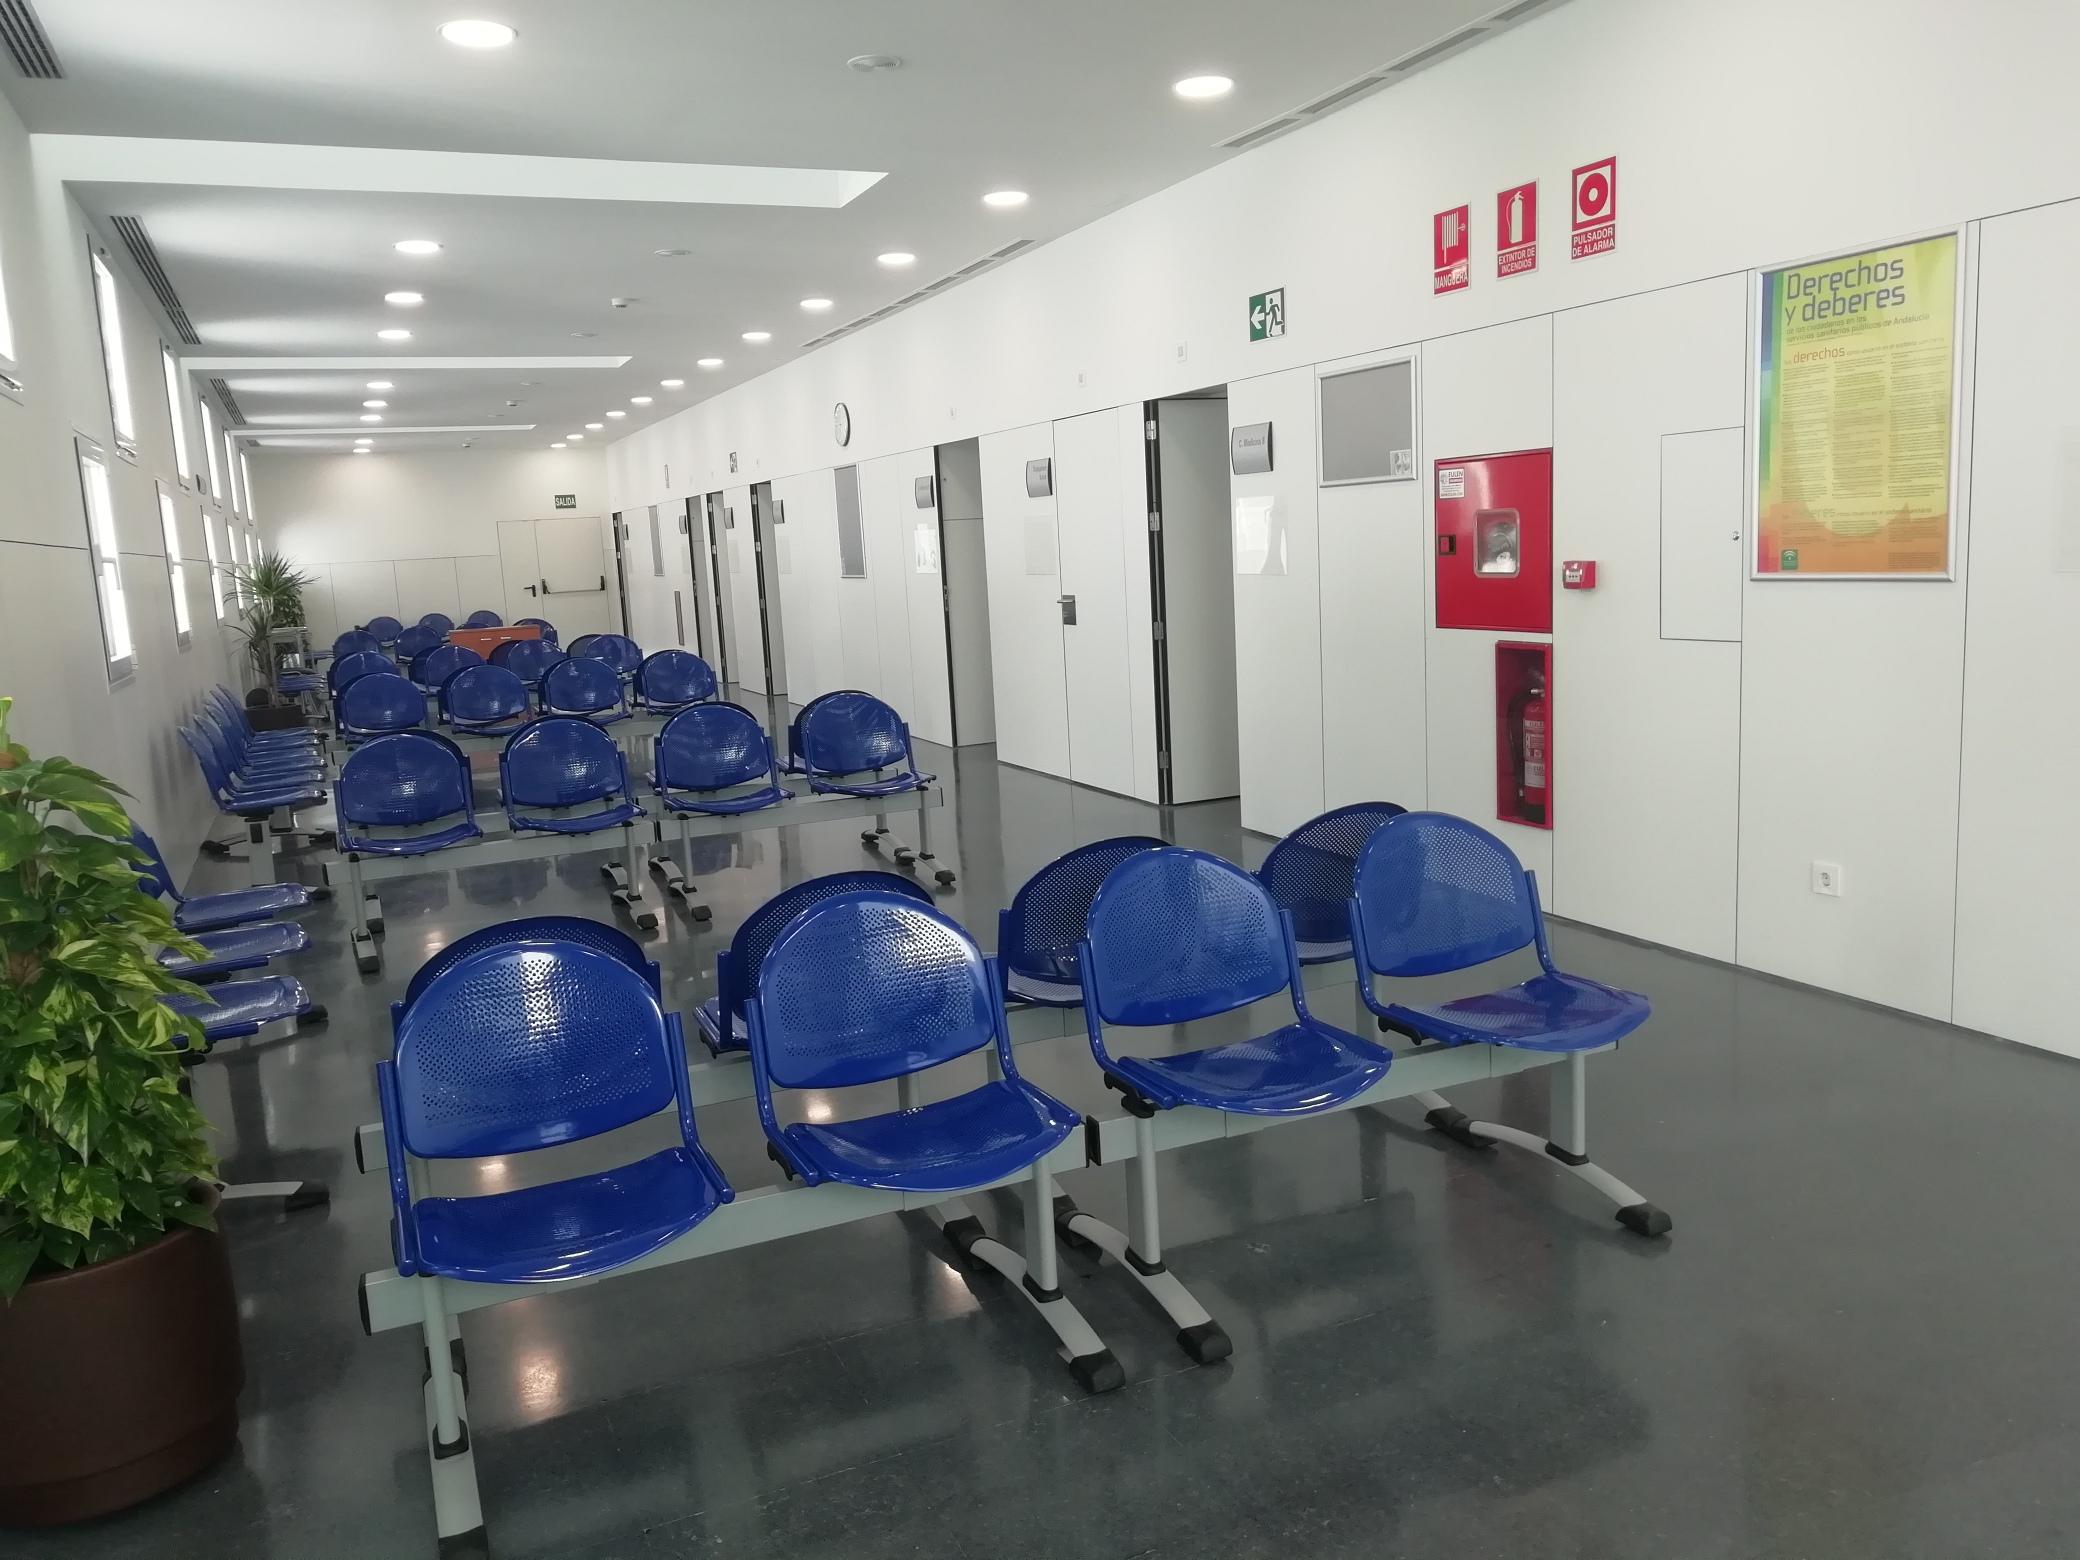 El centro de salud de Bola de Oro entra en funcionamiento tras veinte años de retrasos